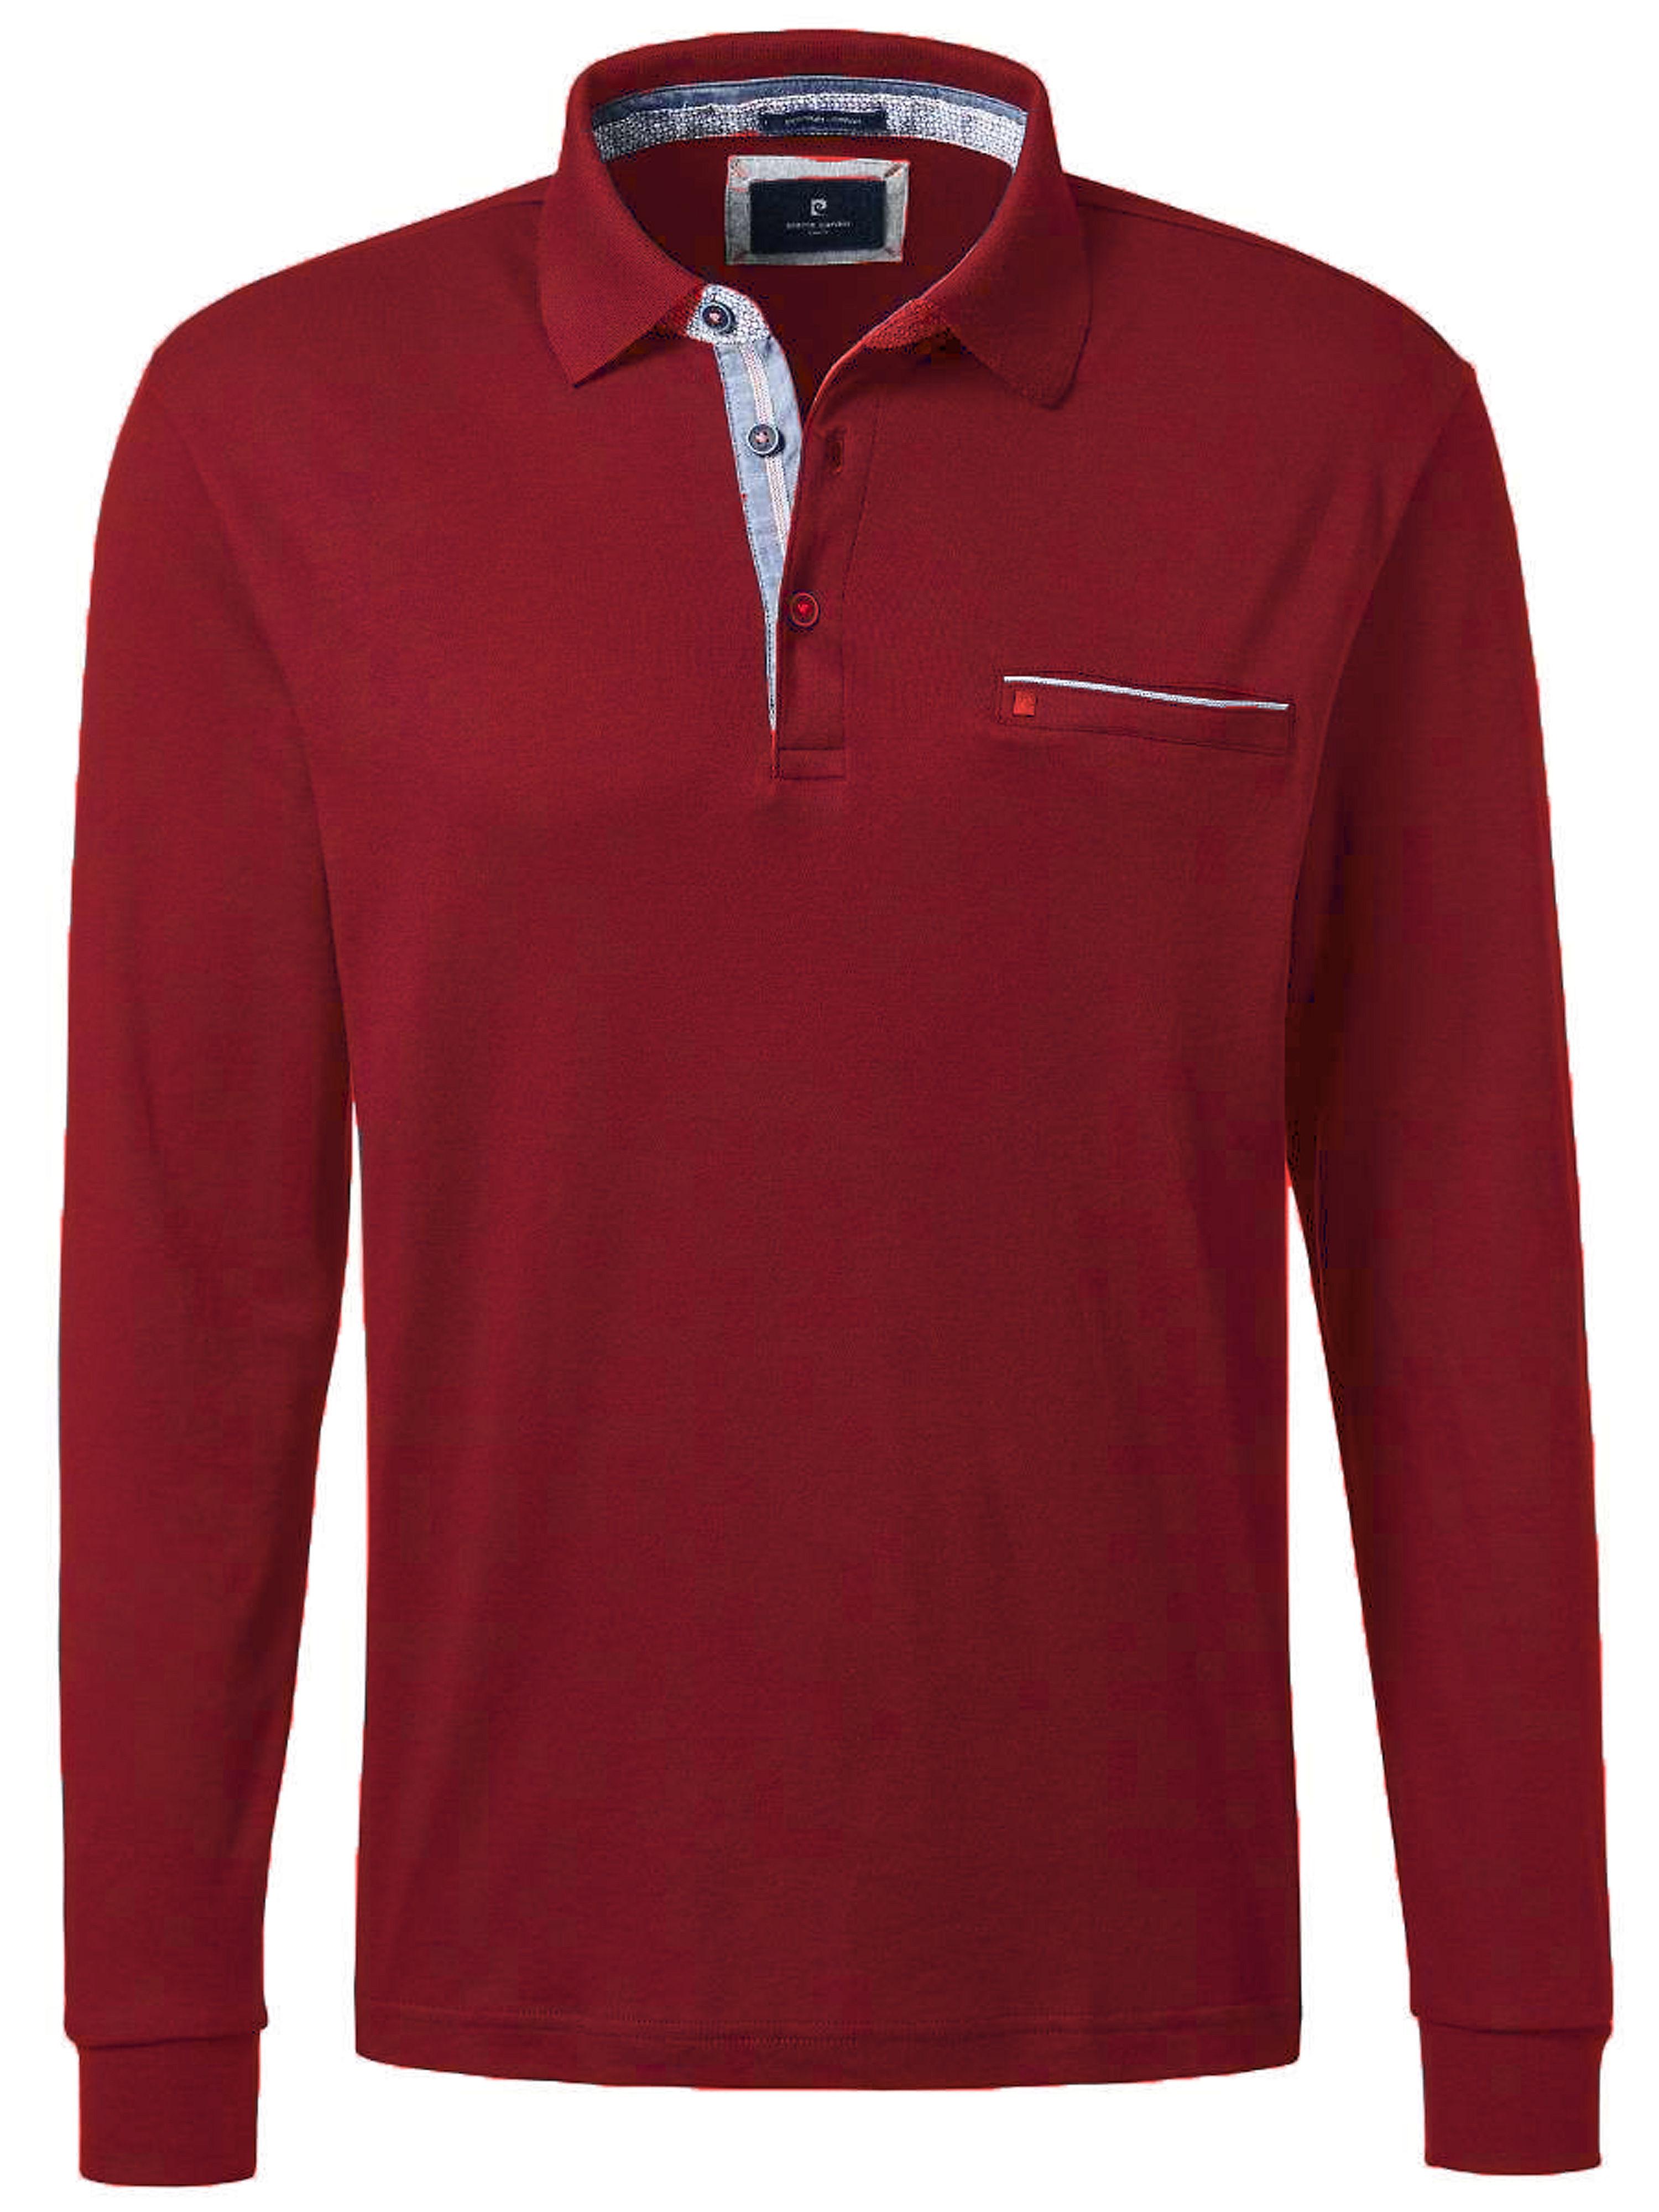 Poloshirt Van Pierre Cardin rood